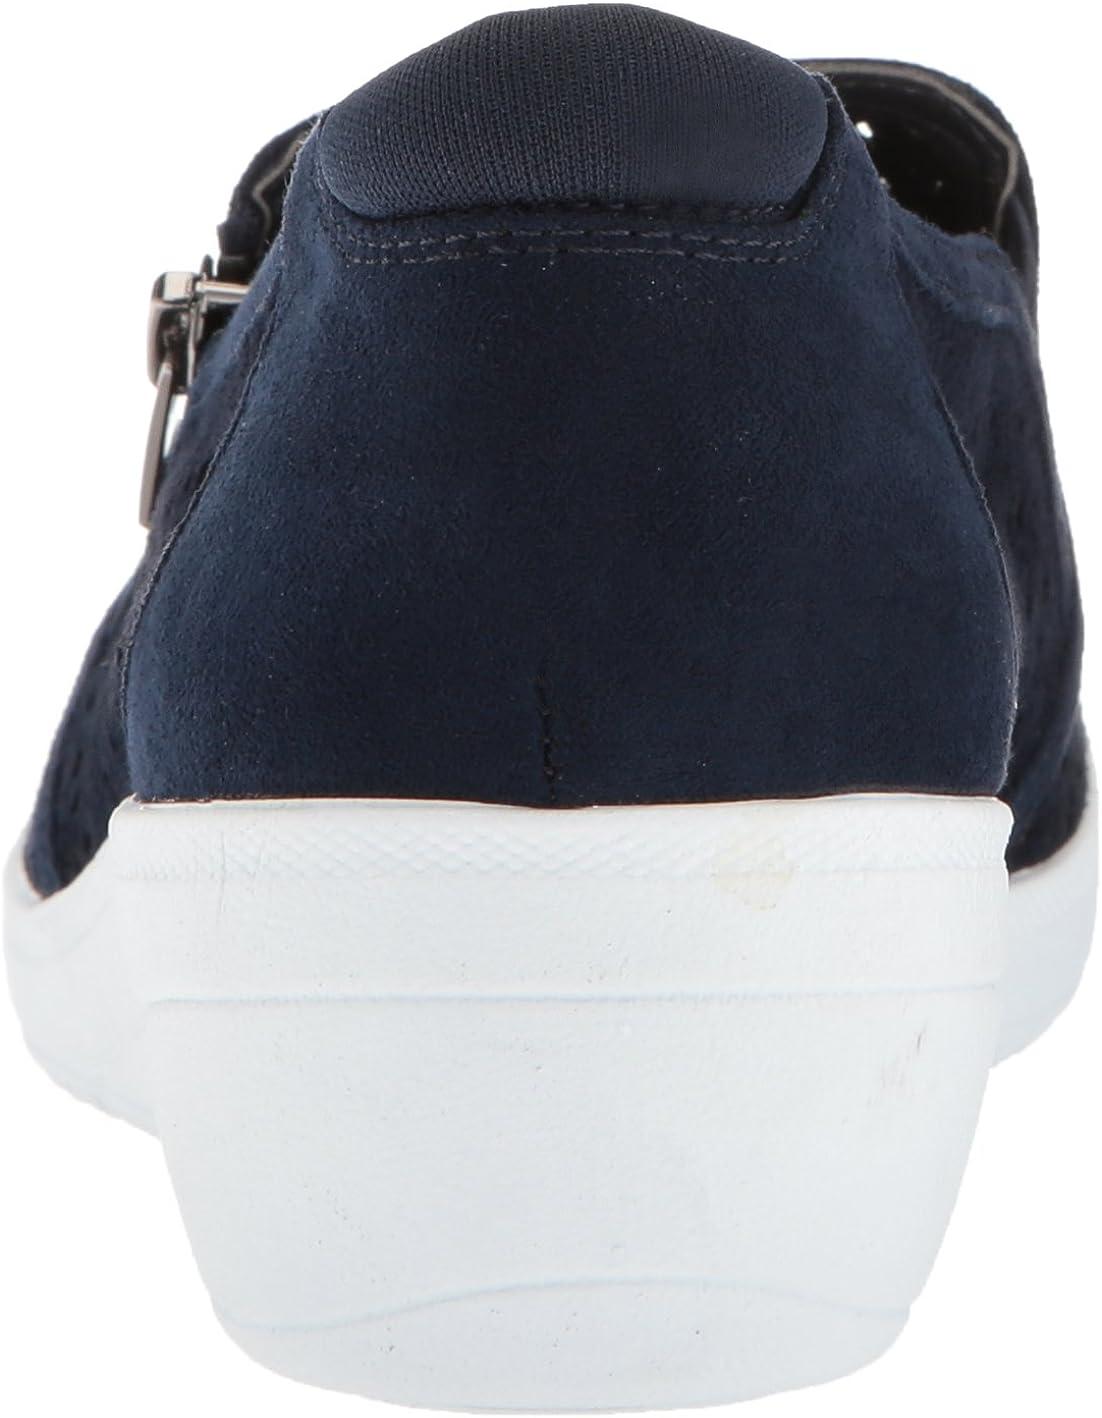 Yvette Sneaker Oxford Flat